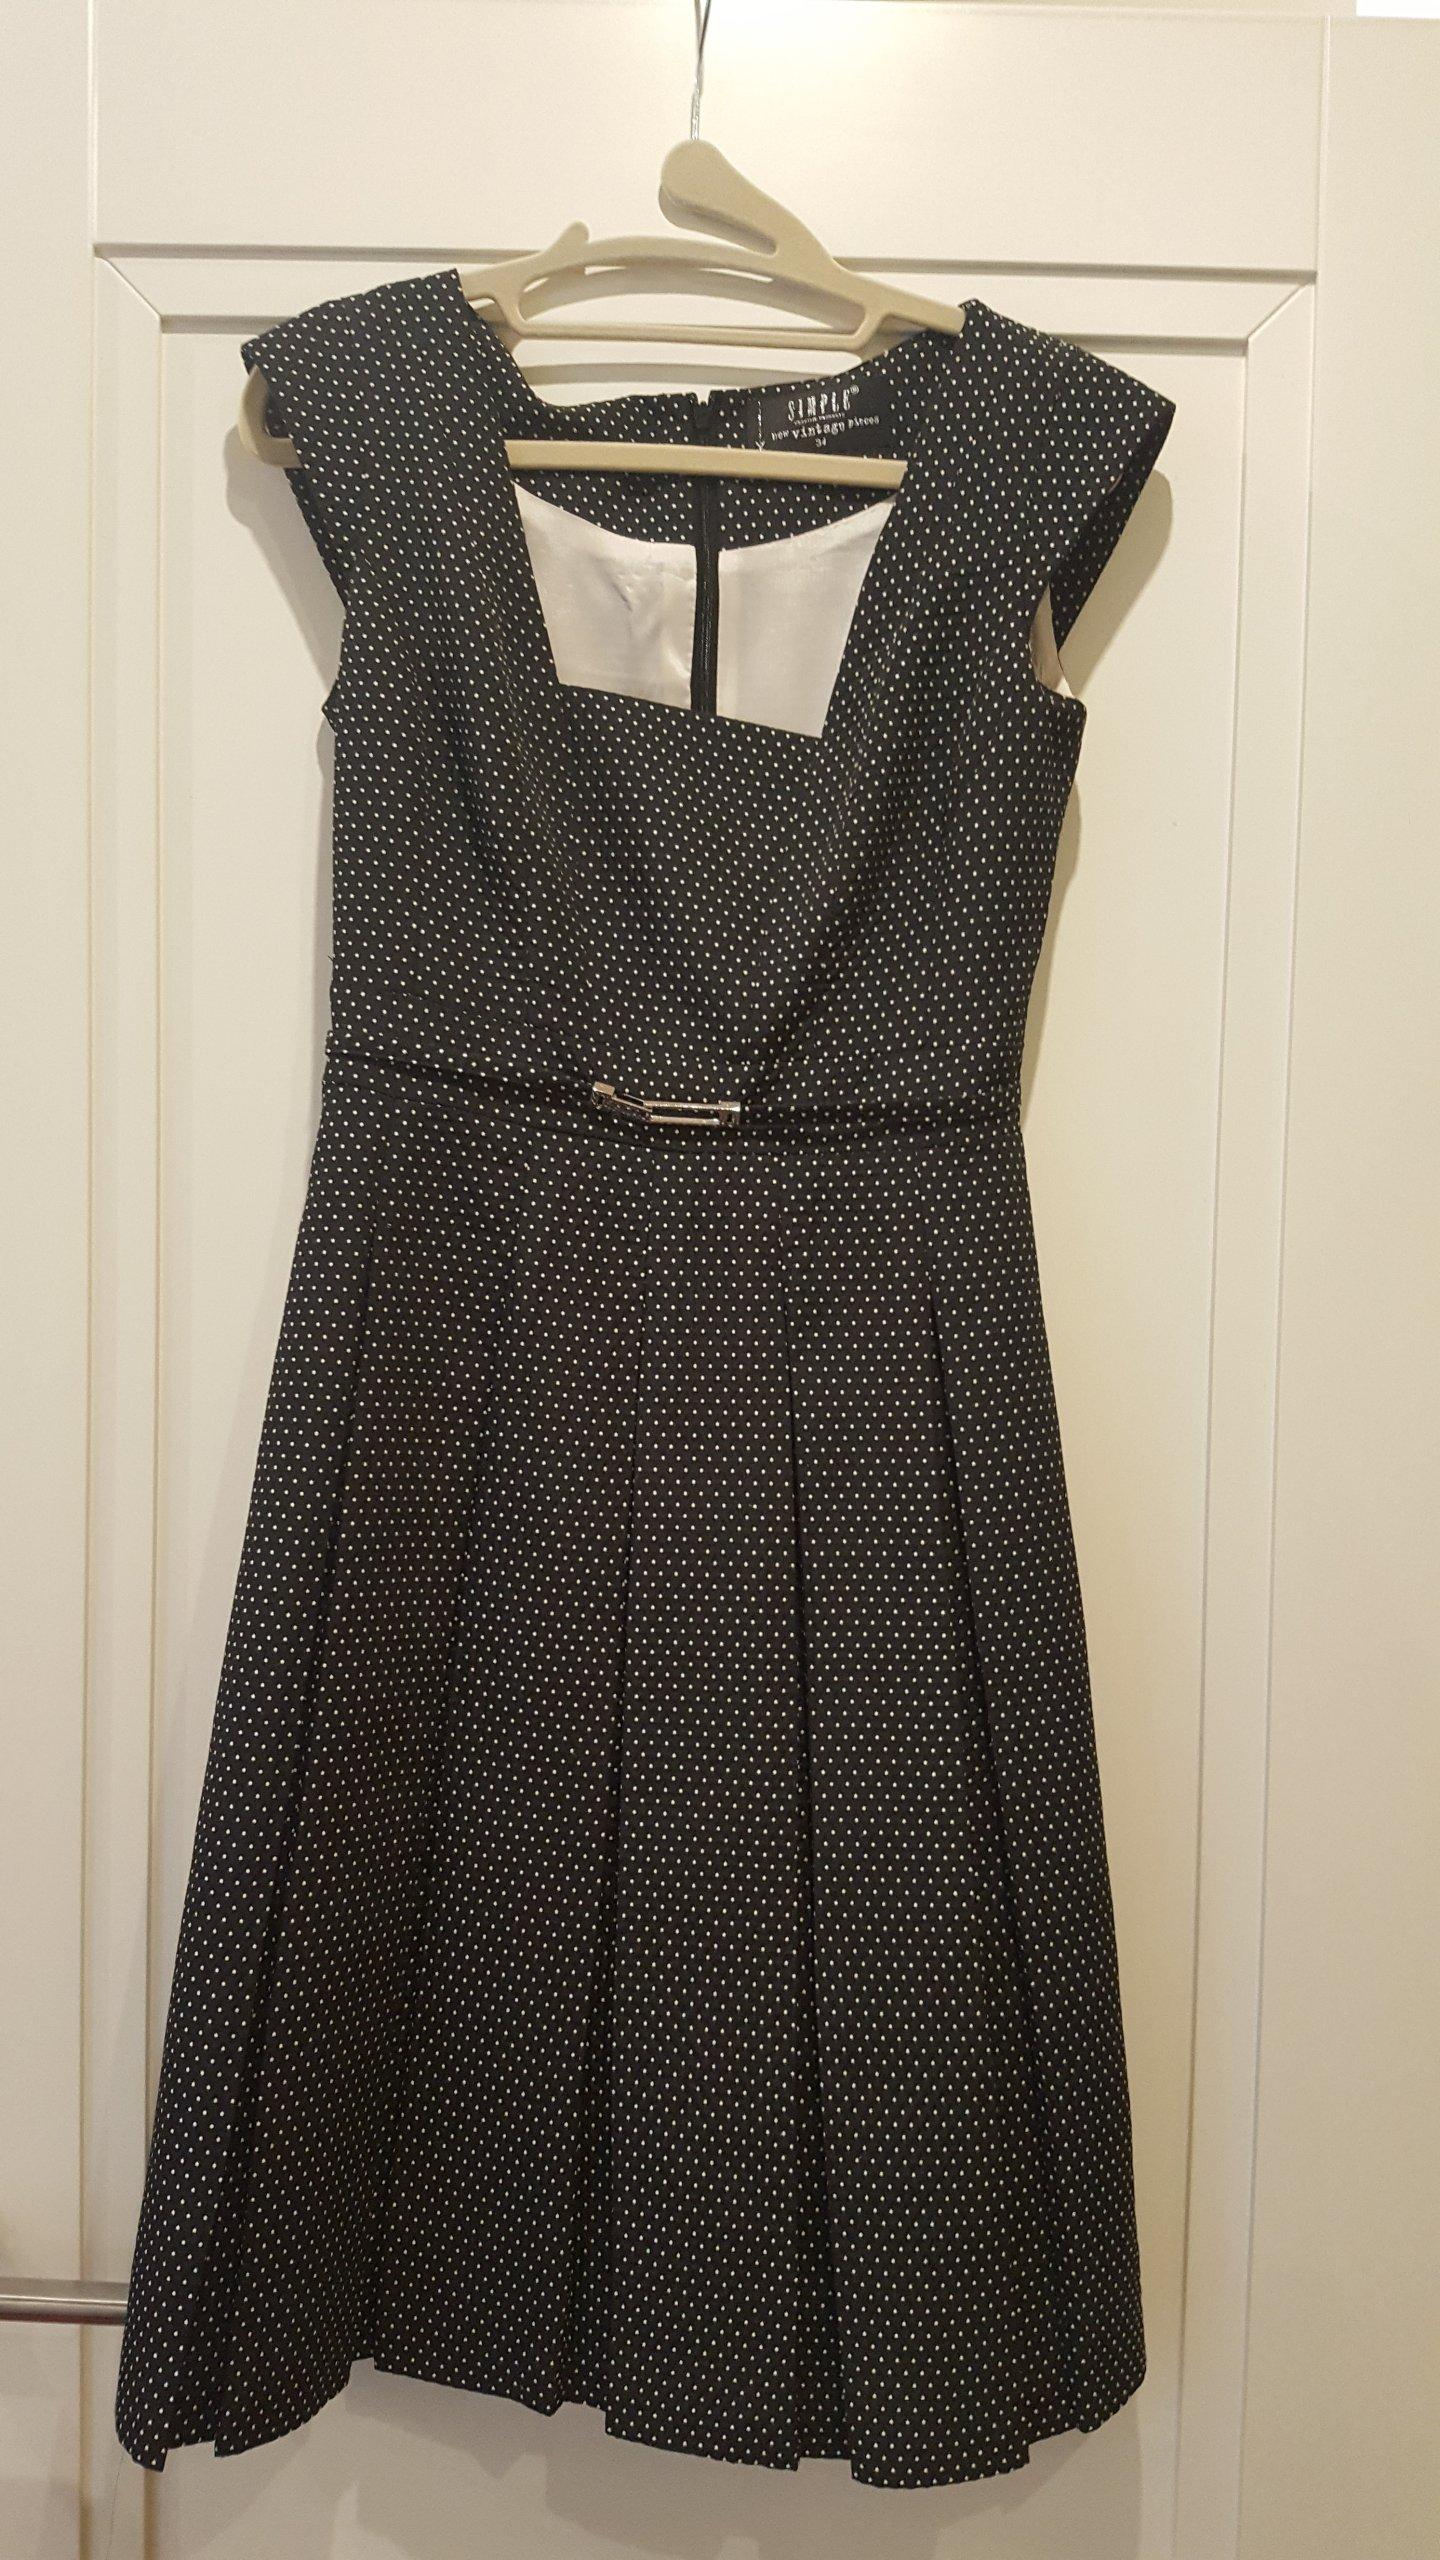 d55c76fb05 Sukienka SIMPLE rozmiar 34 stan idealny - 7250118357 - oficjalne ...